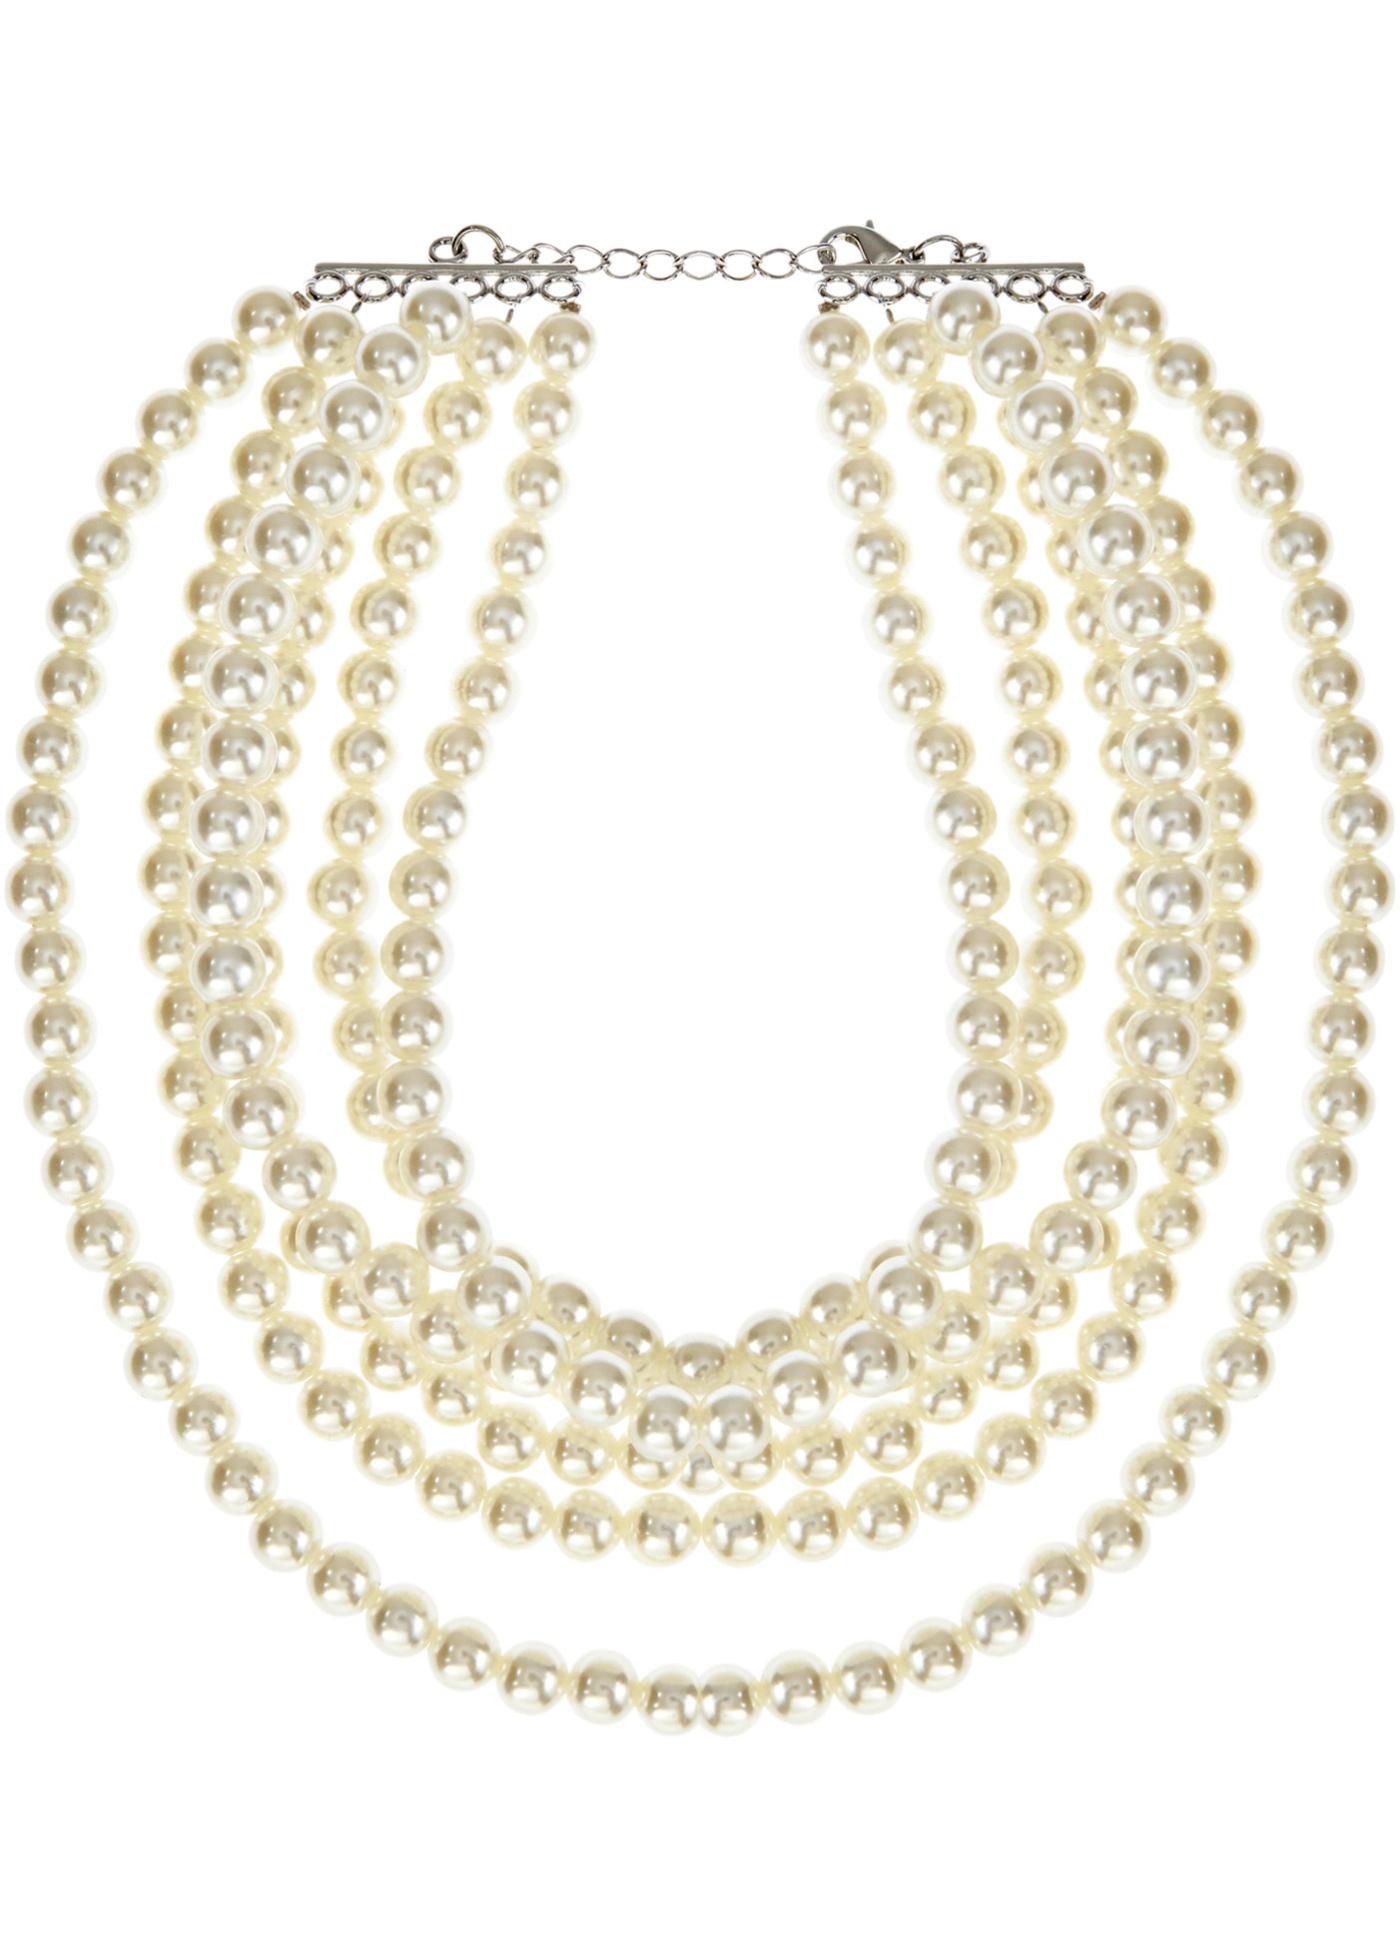 Collier di perle a più fi